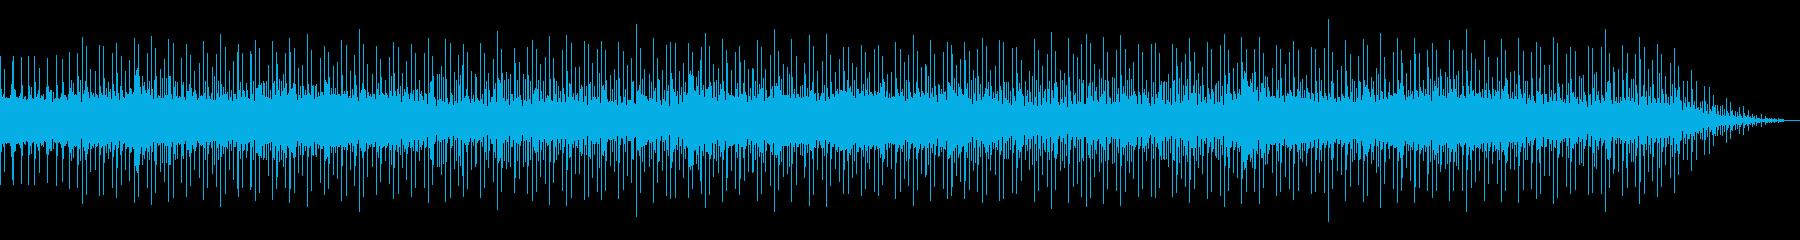 ちょっと切ない爽やか電子音楽_Bメロなしの再生済みの波形